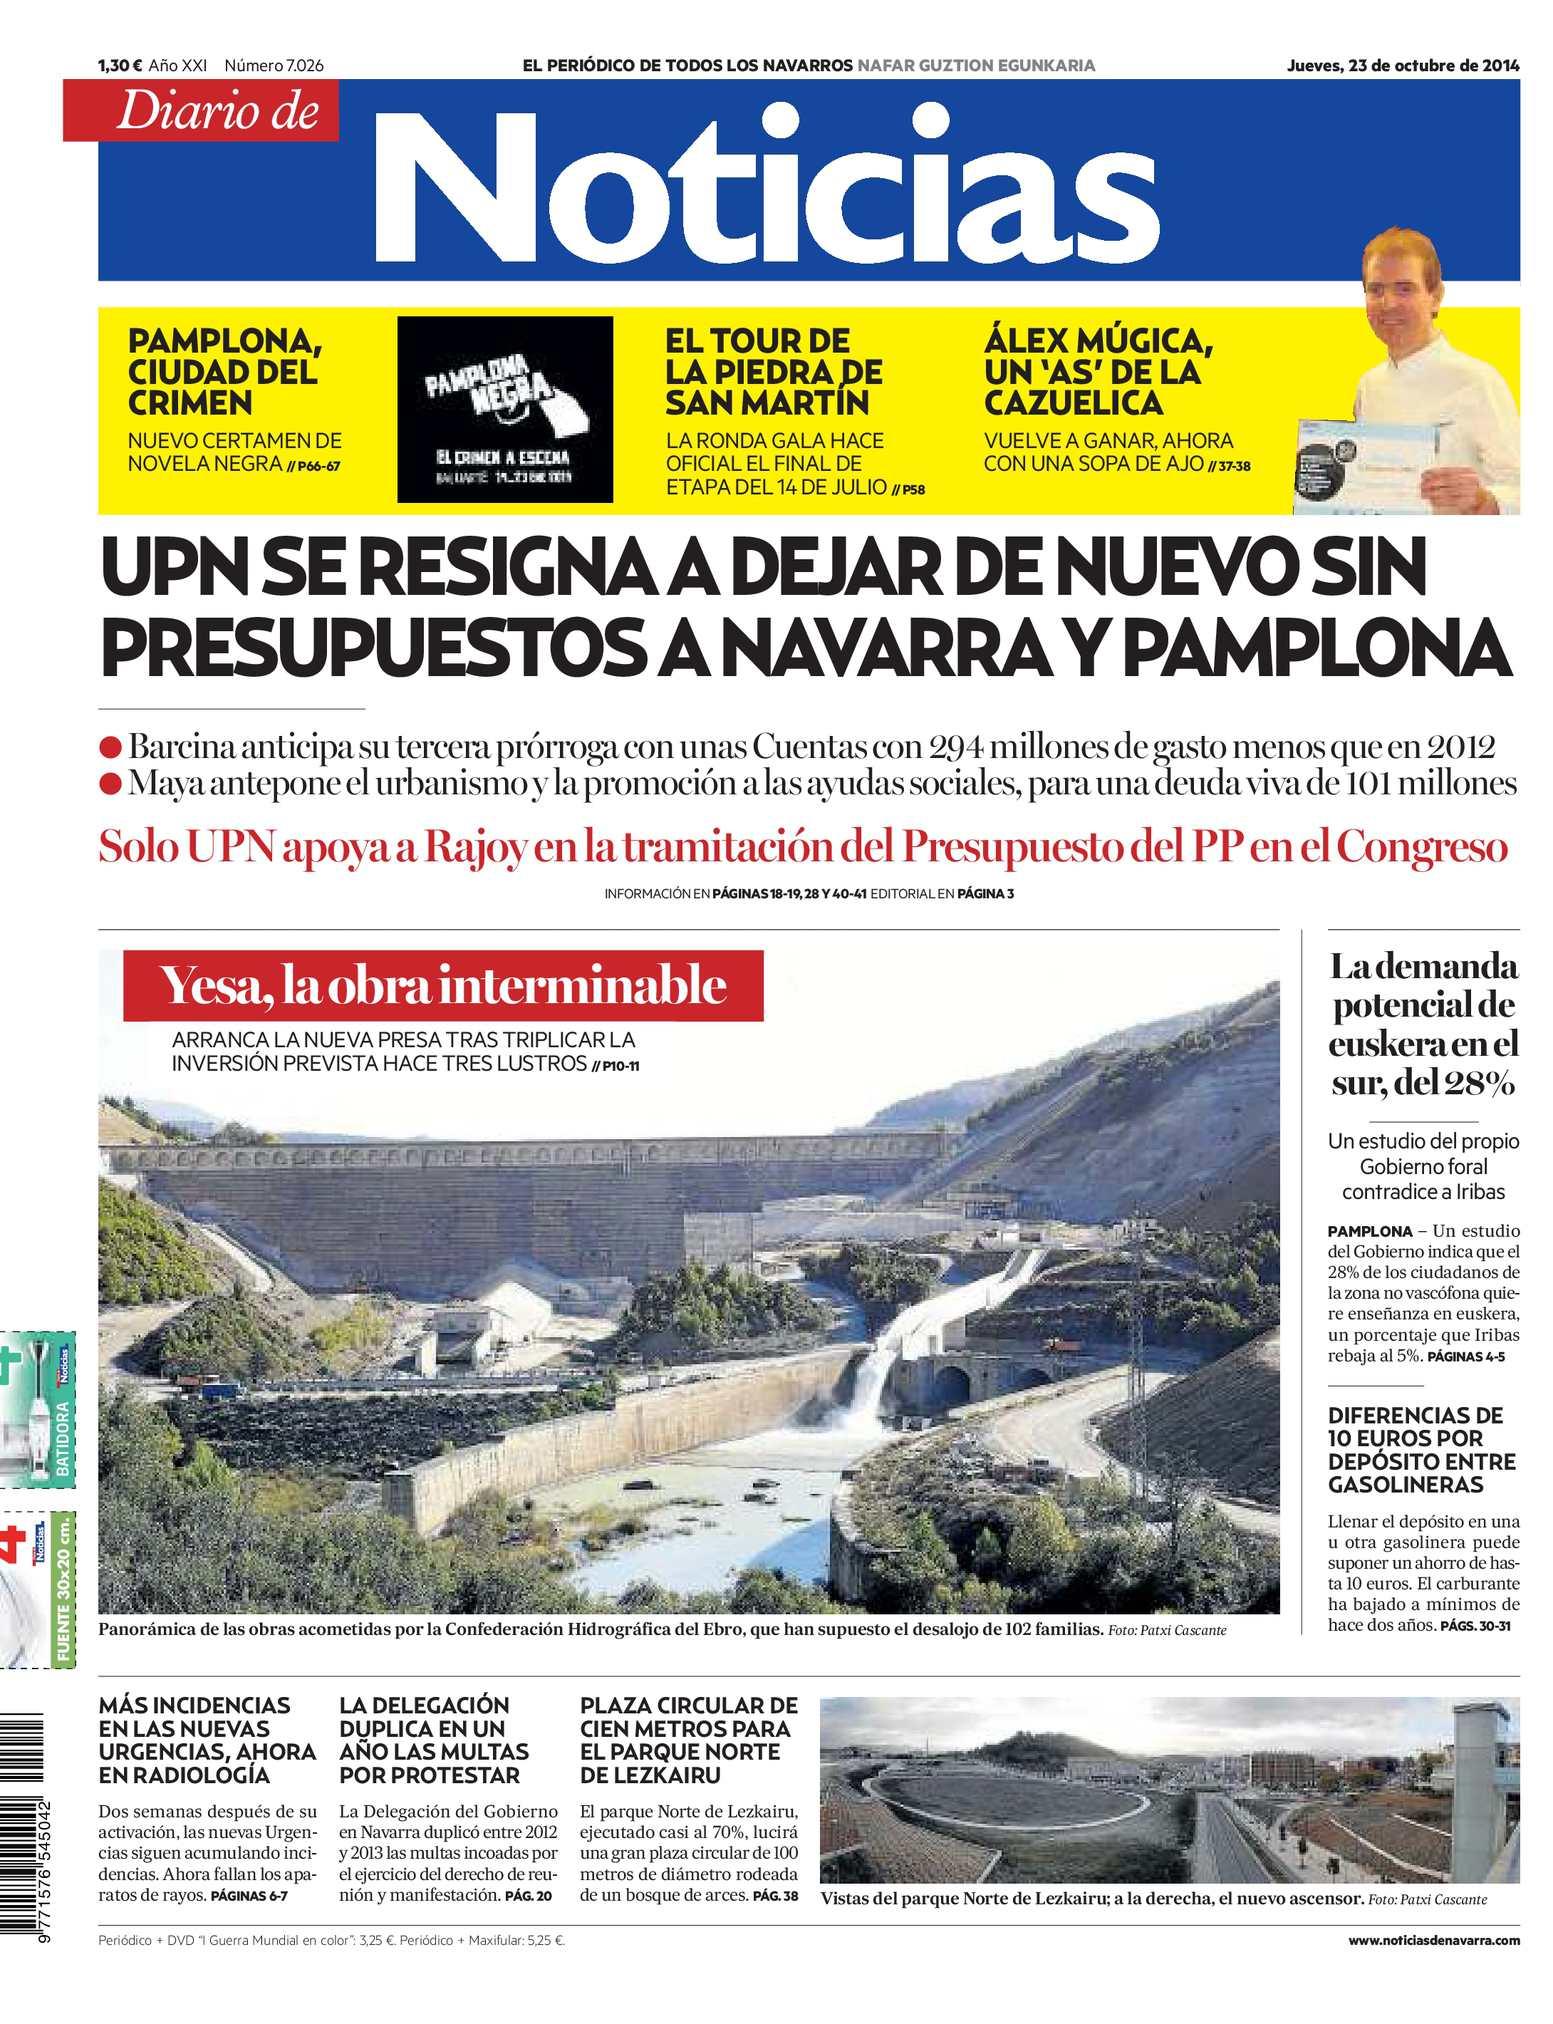 new concept 3a7f4 42cbb Calaméo - Diario de Noticias 20141023